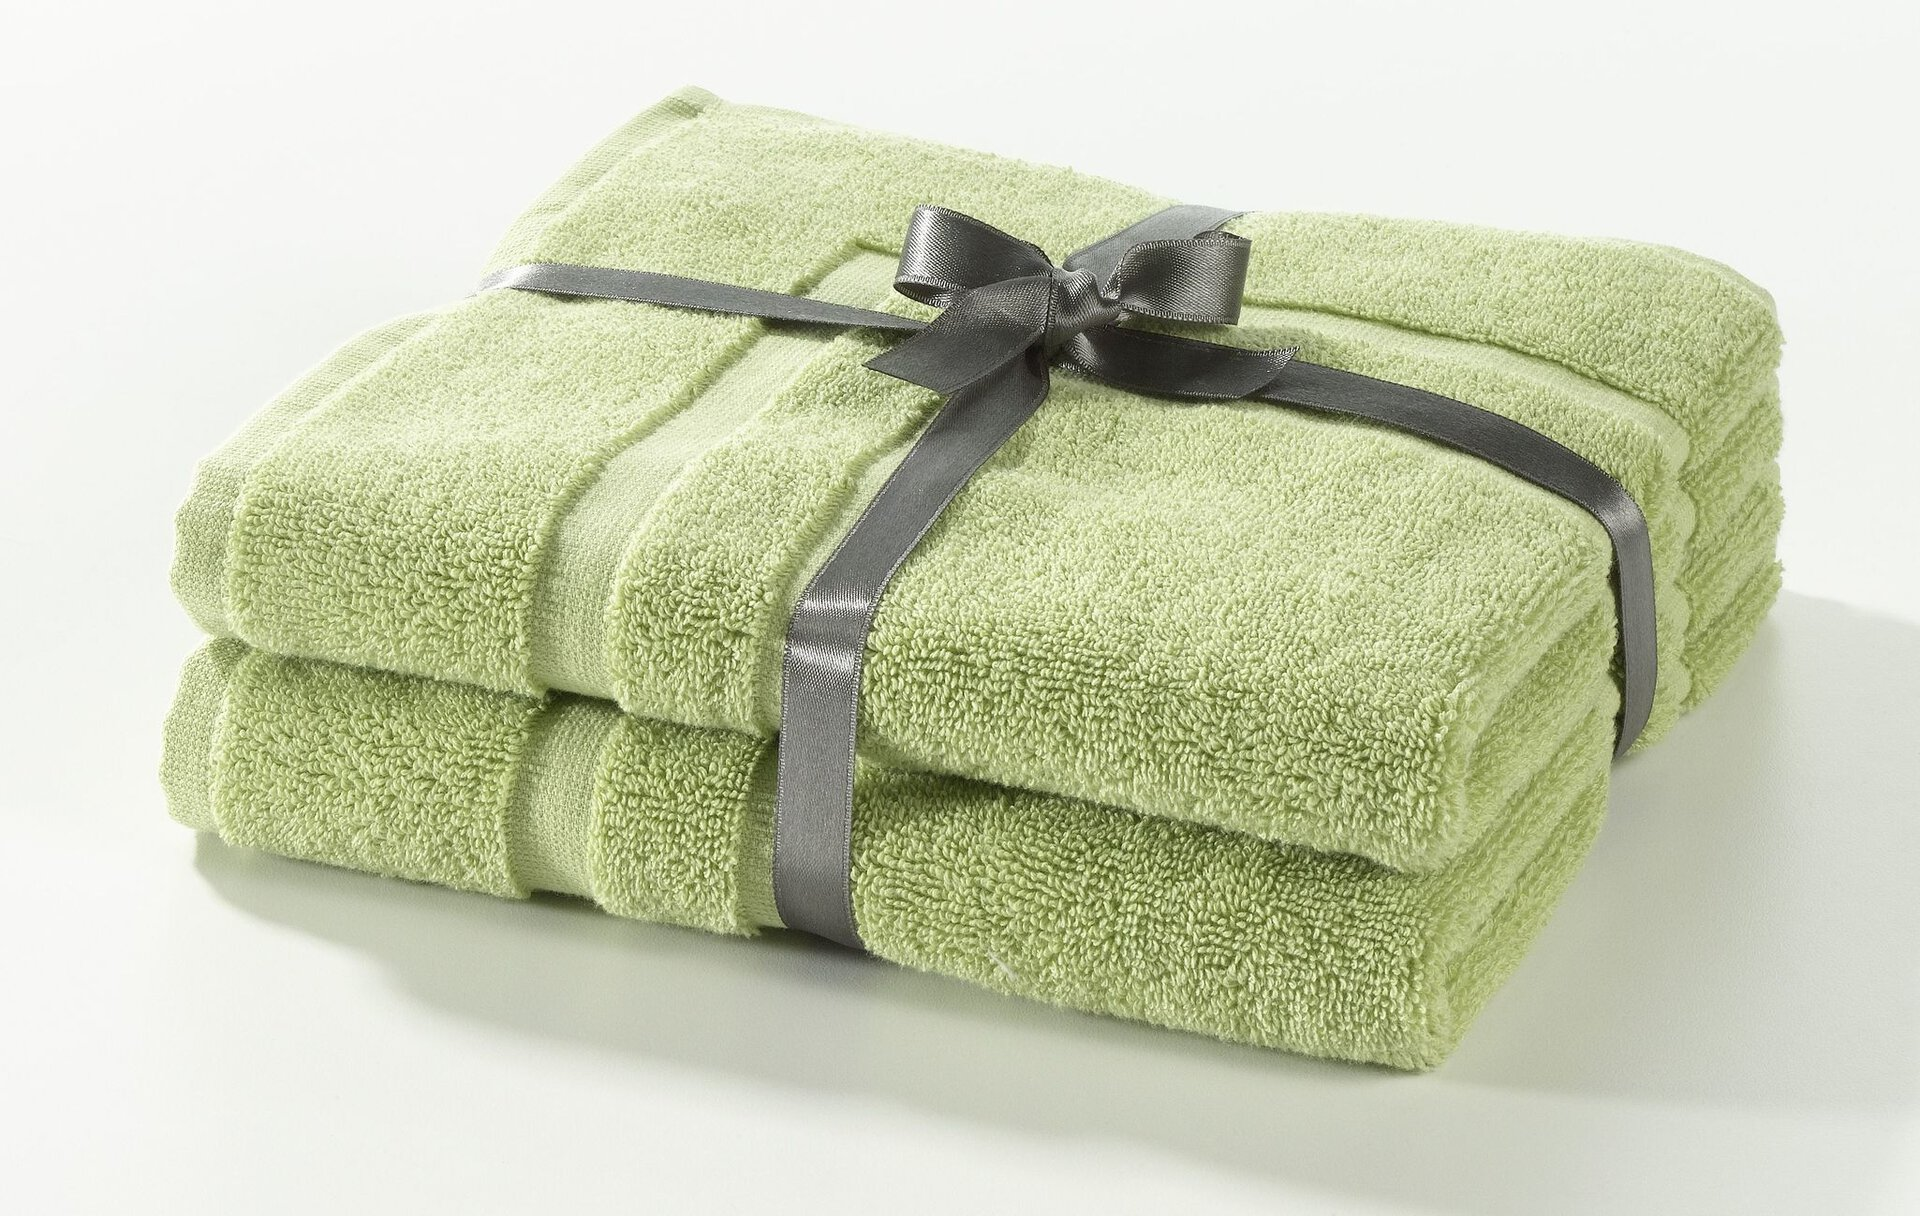 Badteppich Frottierset Casa Nova Textil grün 50 x 70 cm